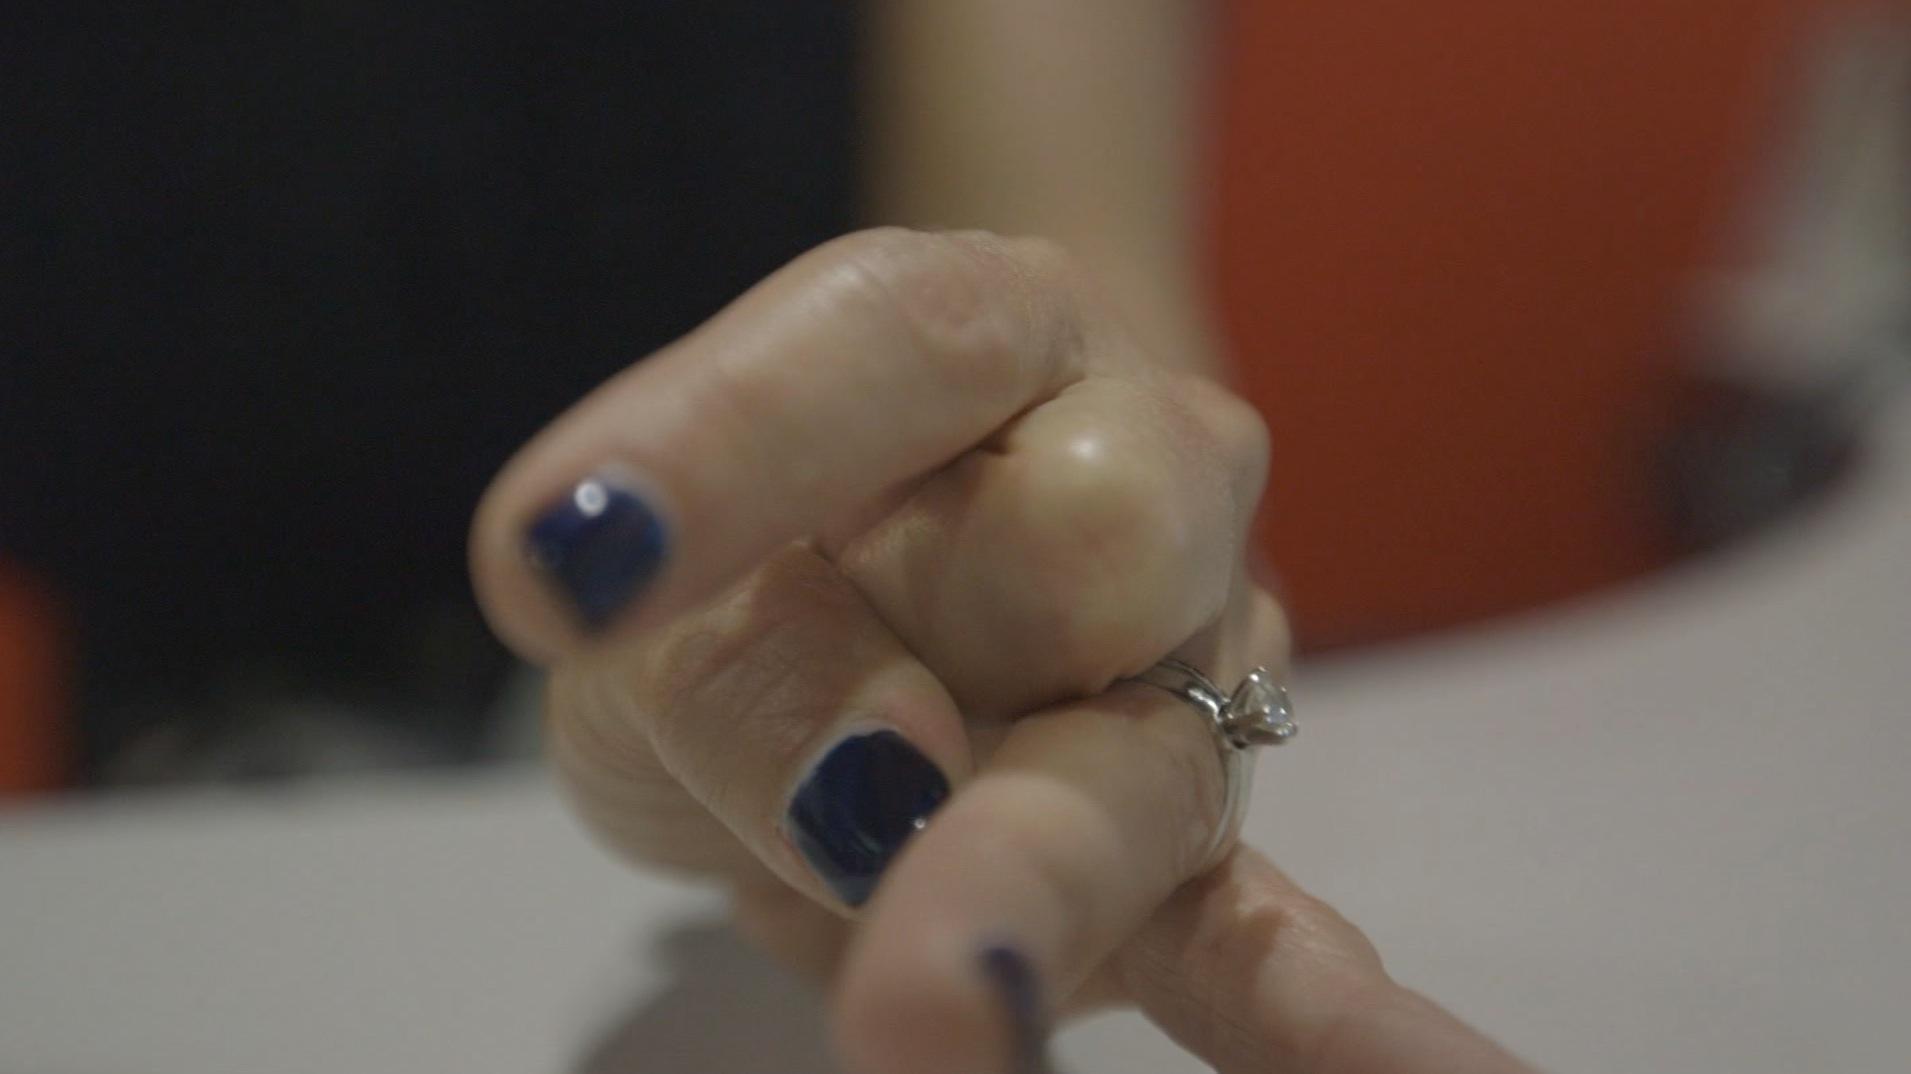 فرقعة الأصابع.. هل تضر أم هي تحذيرات وهمية؟